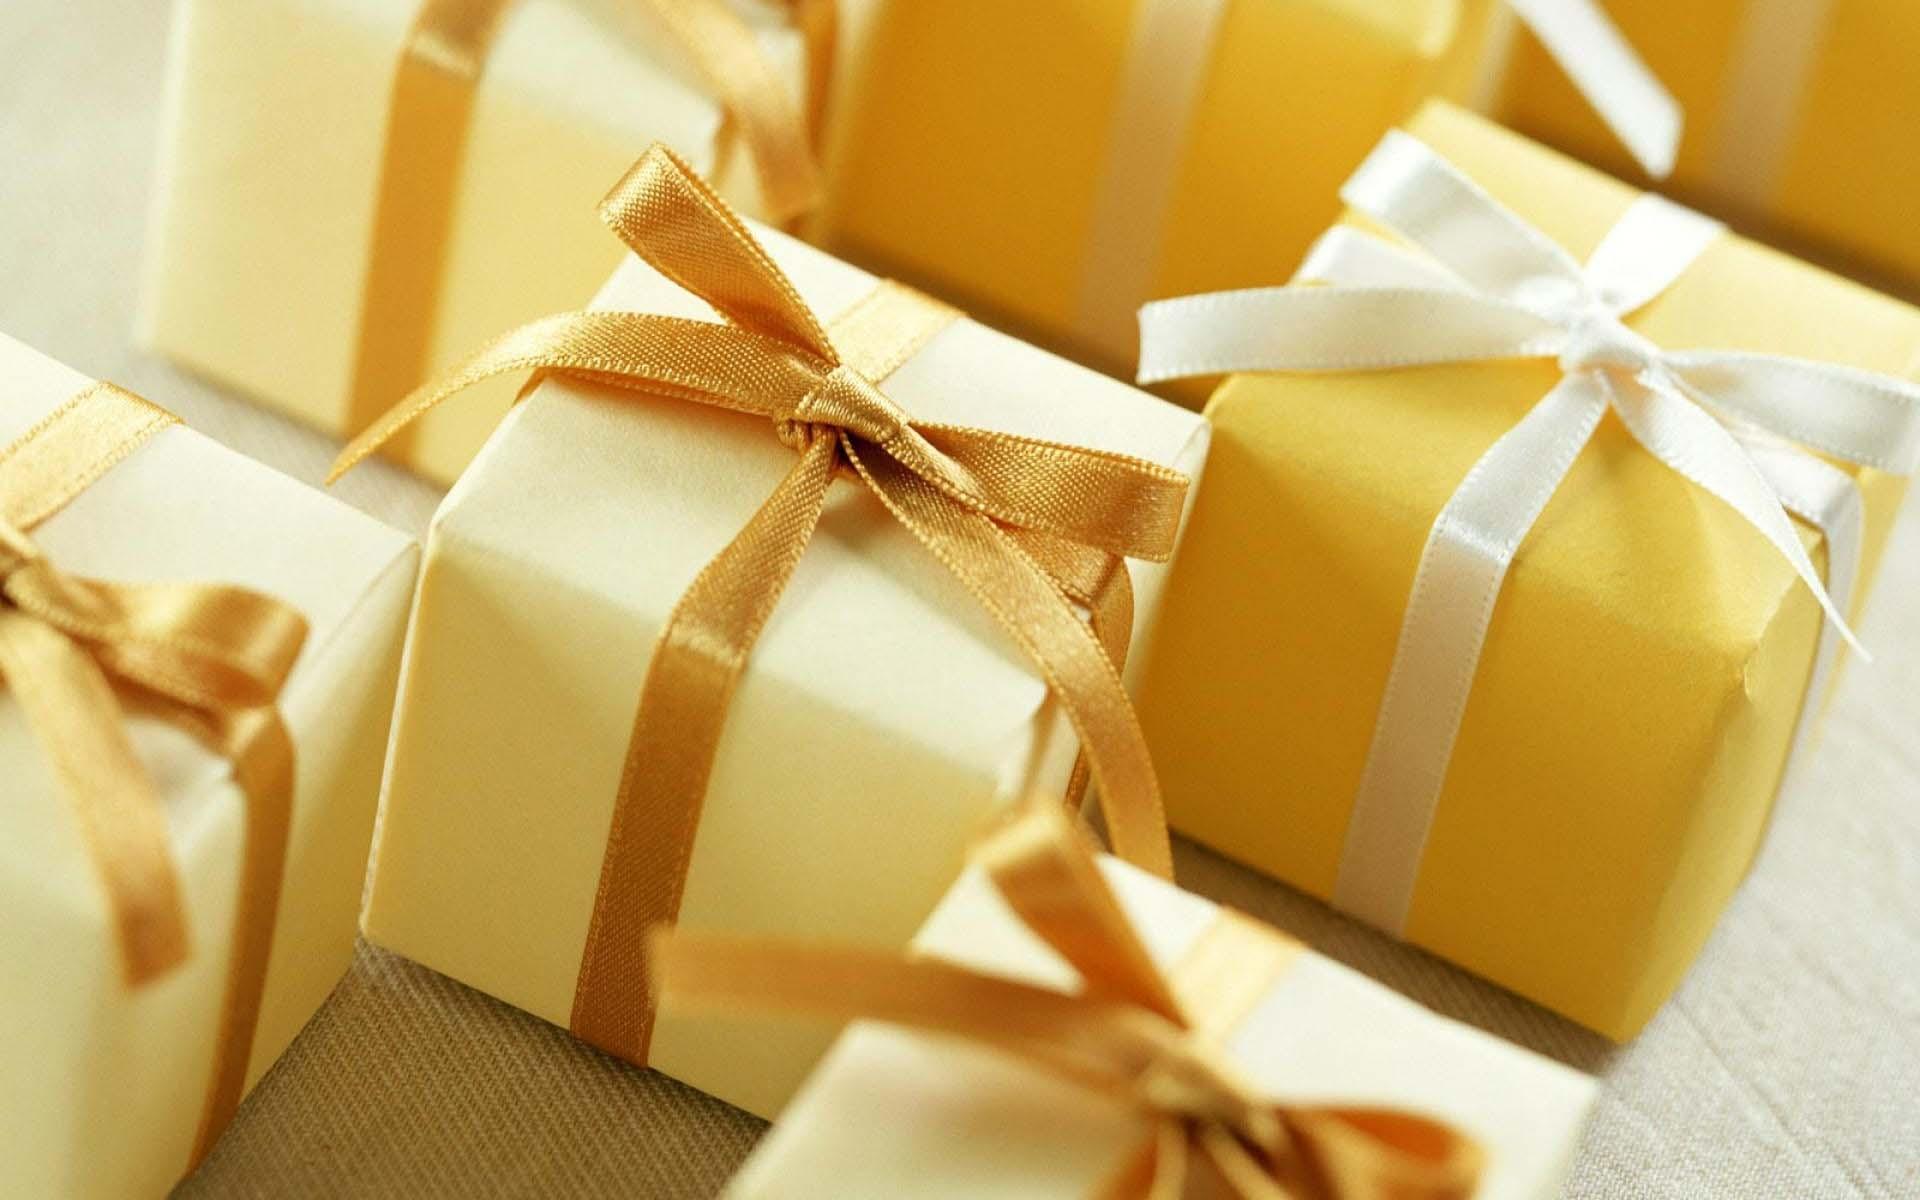 Holidays Gifts Boxes Ribbon Bows Macro Wallpaper 1920×1200